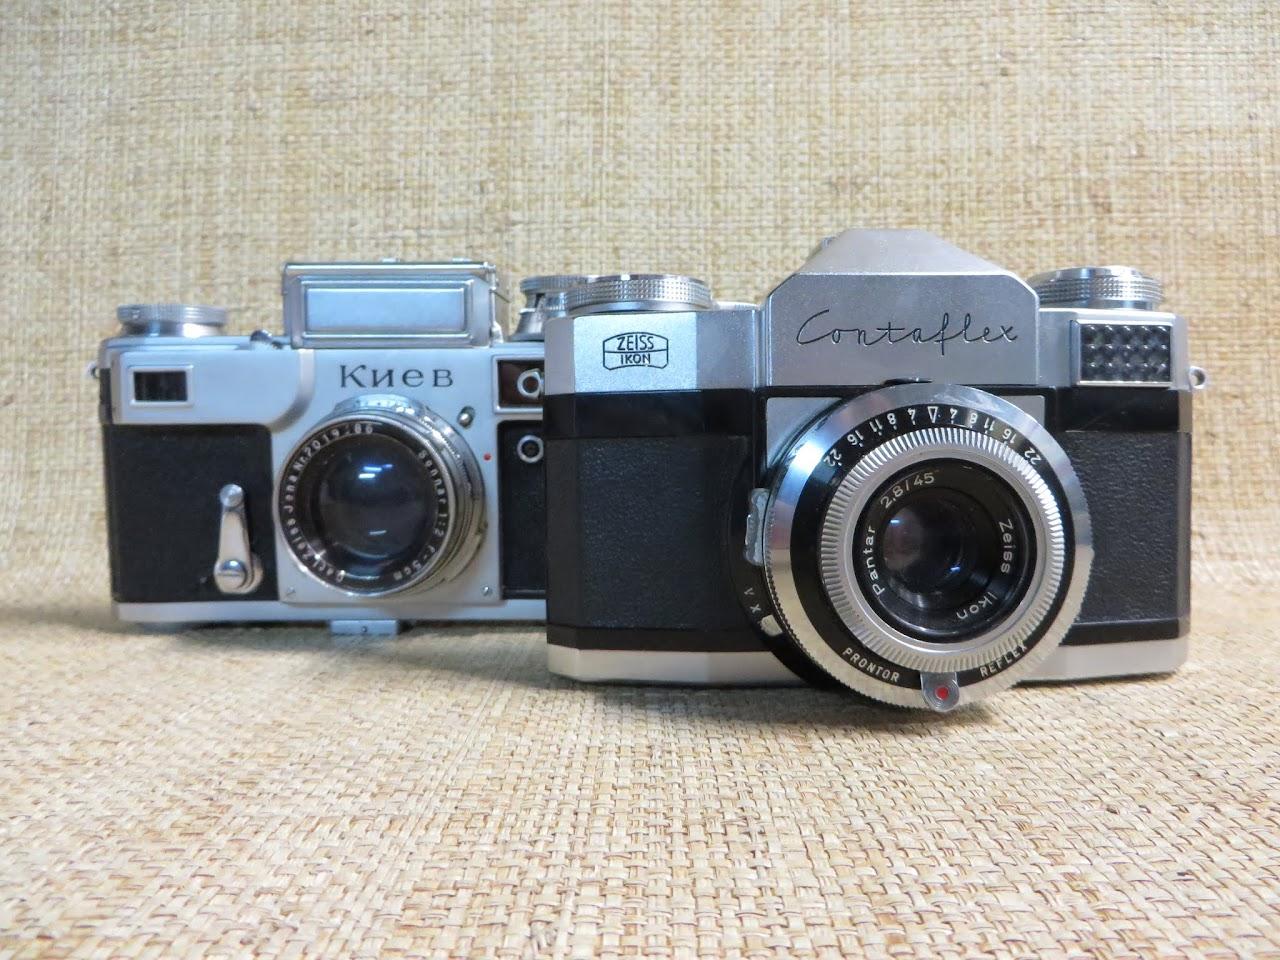 Vintage Camera Pair